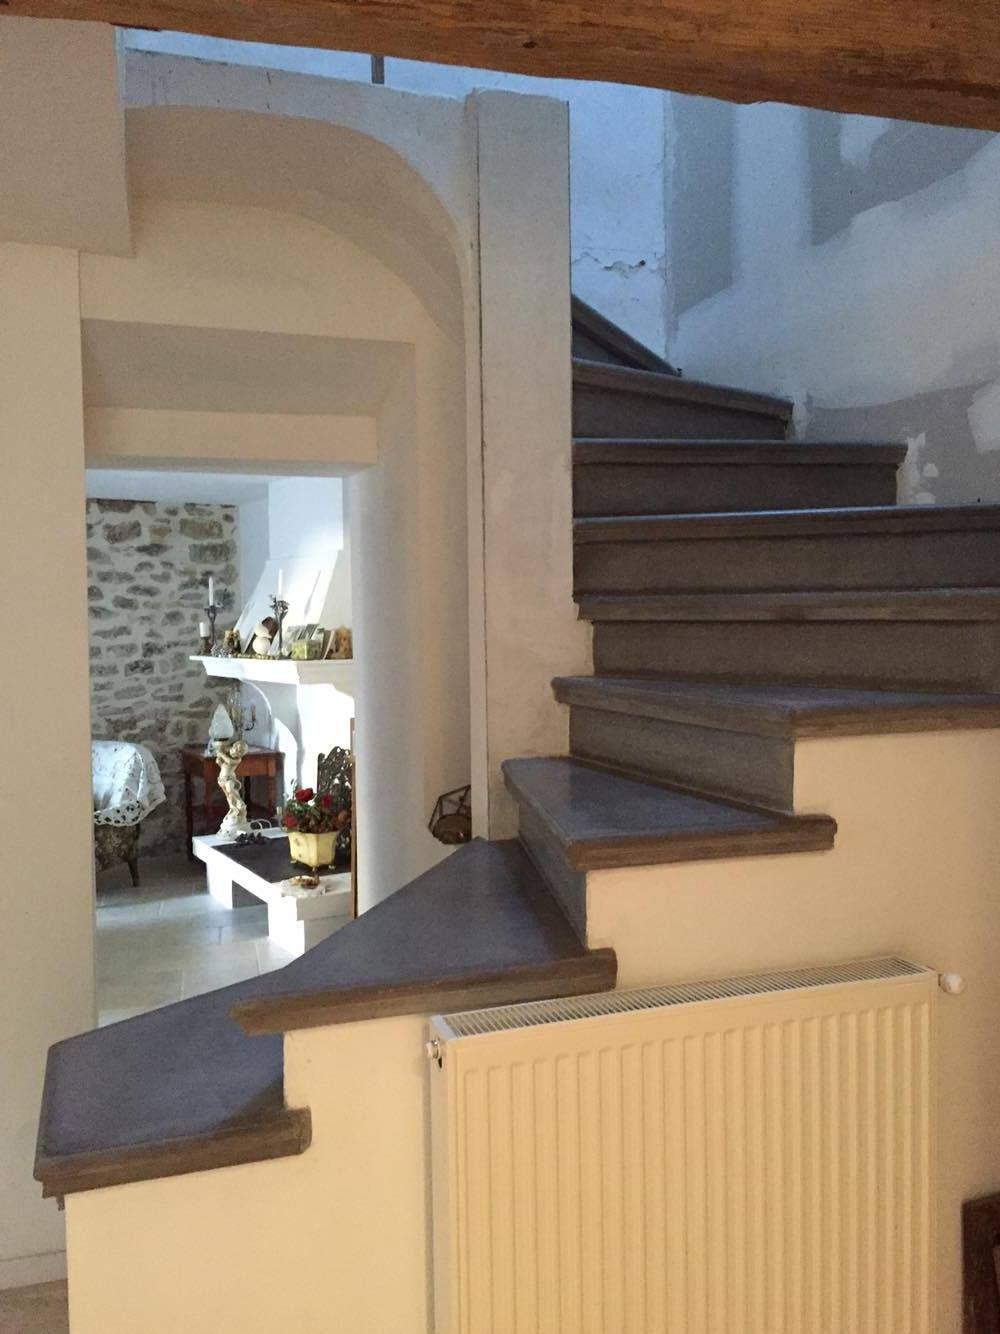 Escalier Beton Gris Anthracite Nez De Marche Arrondi Limon Platree Escalier Beton Beton Teinte Et Nez De Marche